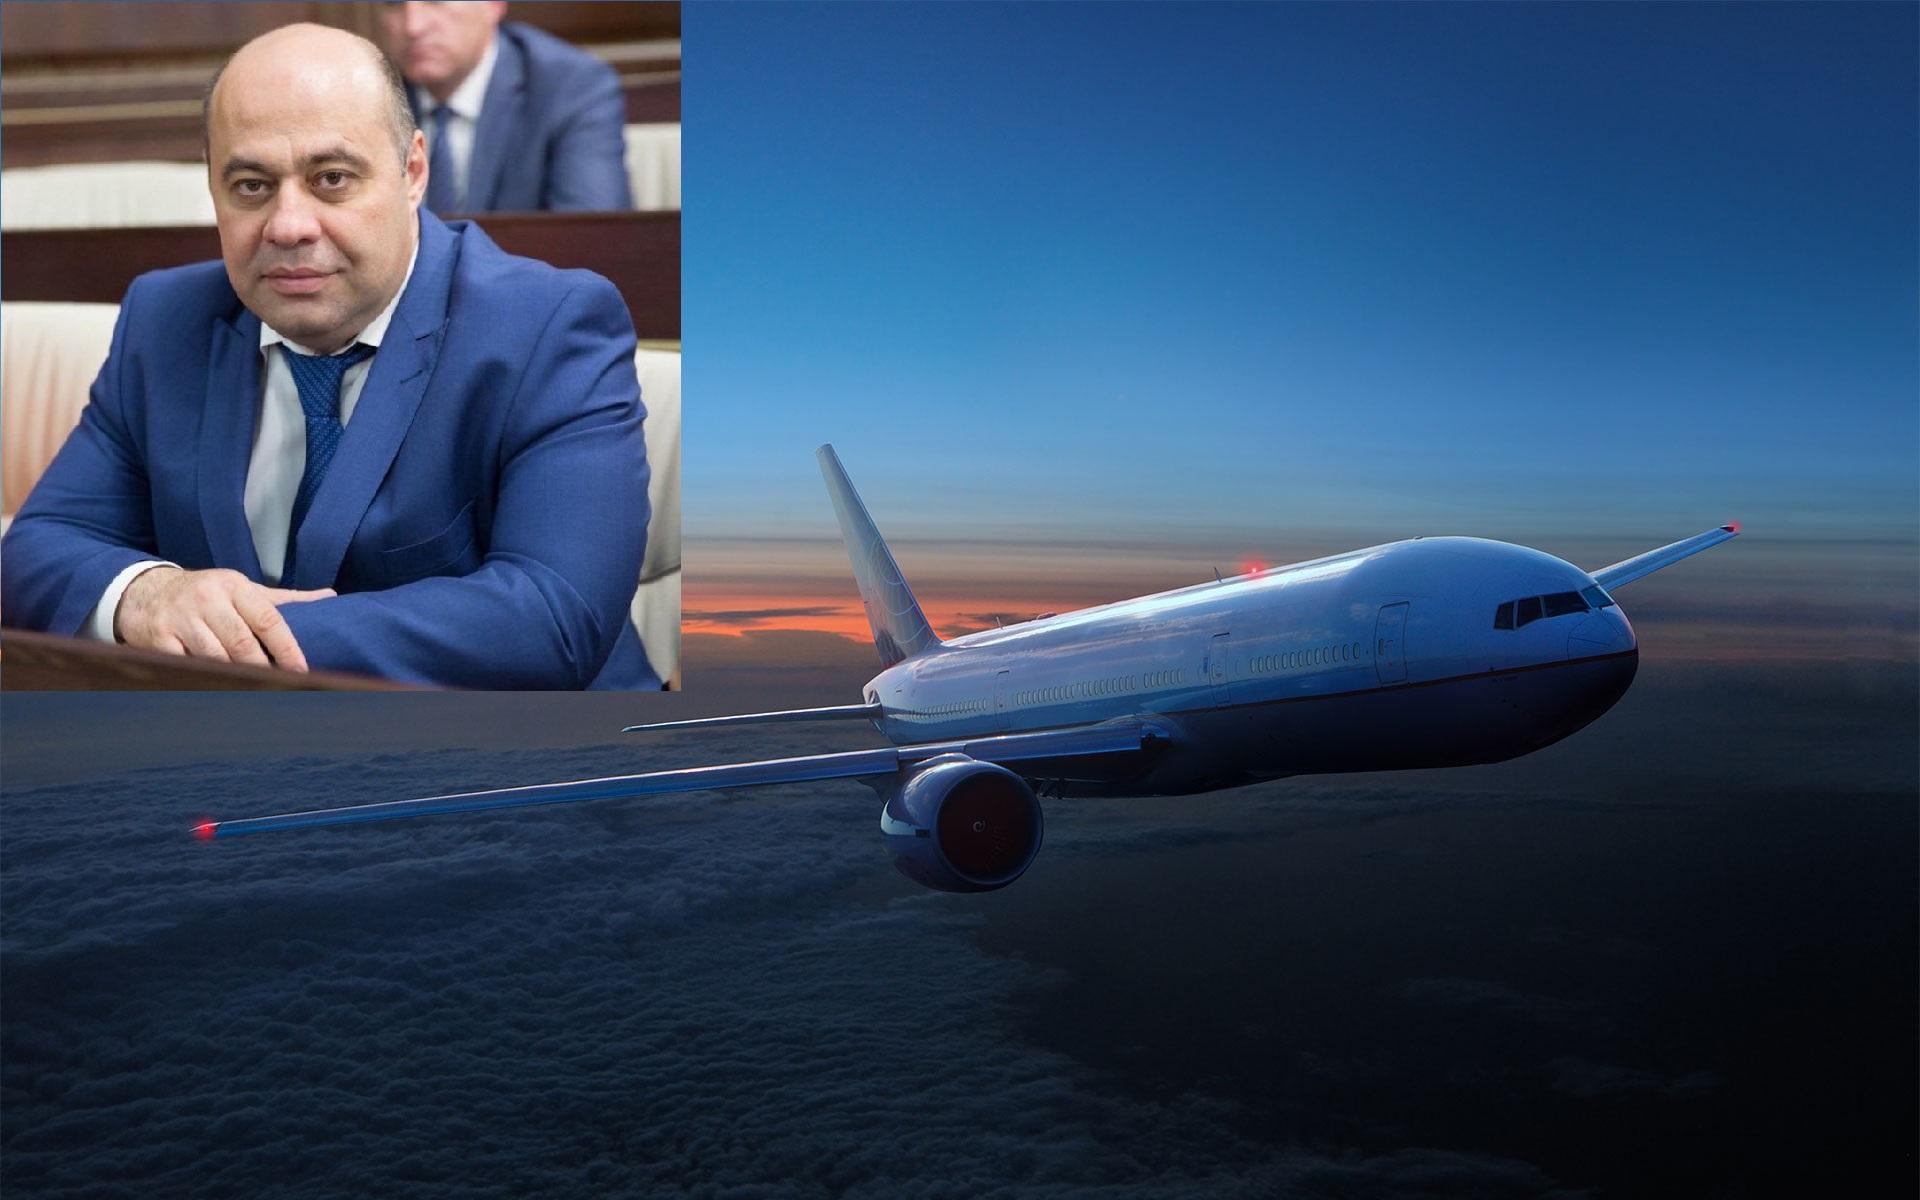 Профессионализм министра здравоохранения КЧР помог избежать экстренной посадки самолета